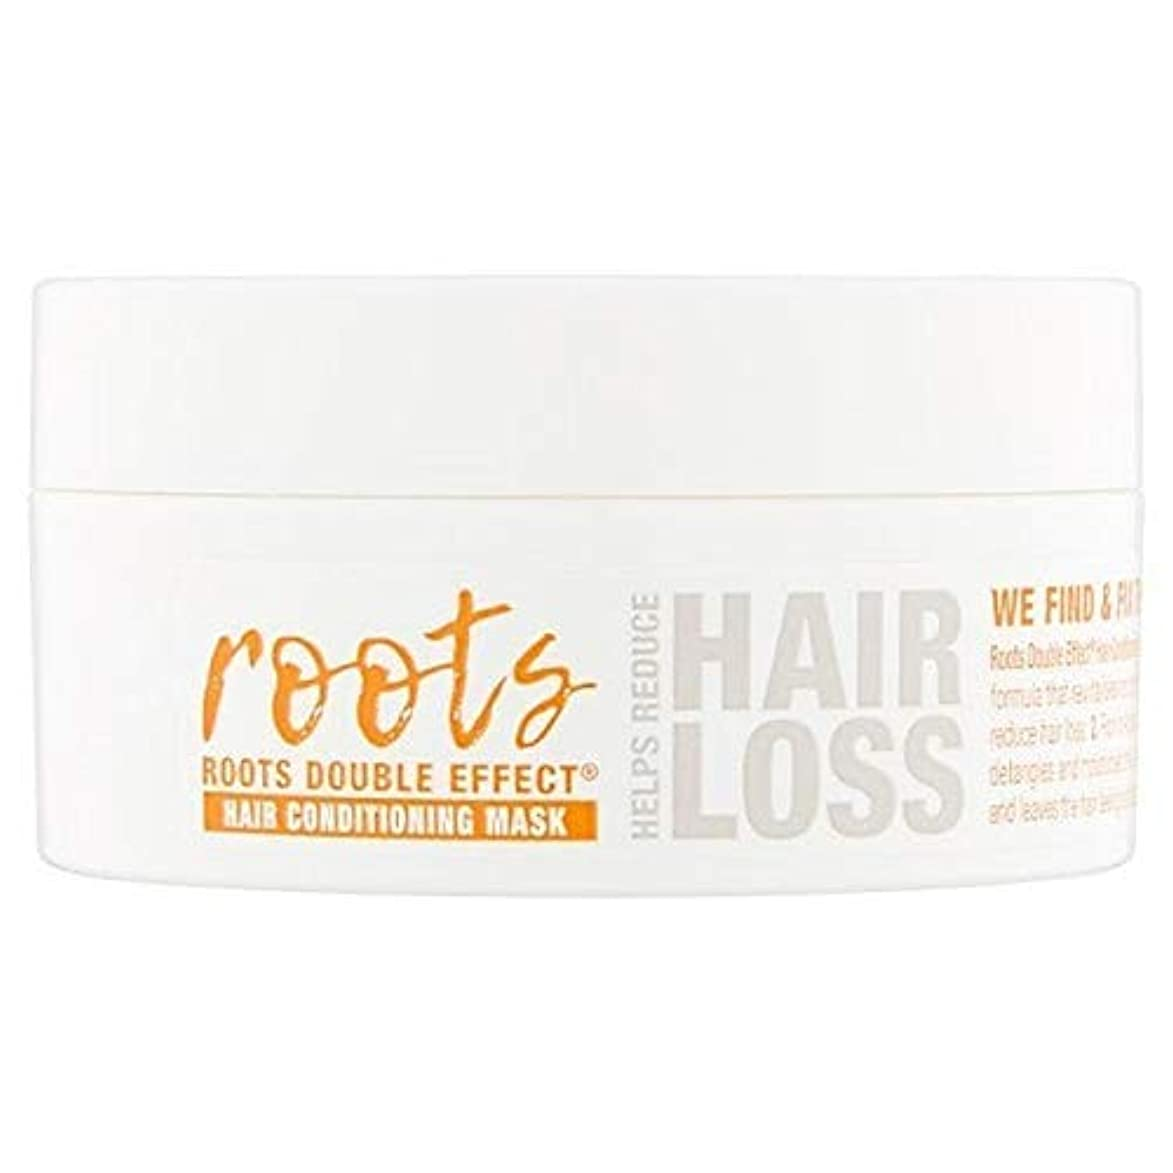 噛む普及用語集[Roots ] 根のダブル効果ヘアコンディショニングマスク200ミリリットル - Roots Double Effect Hair Conditioning Mask 200ml [並行輸入品]